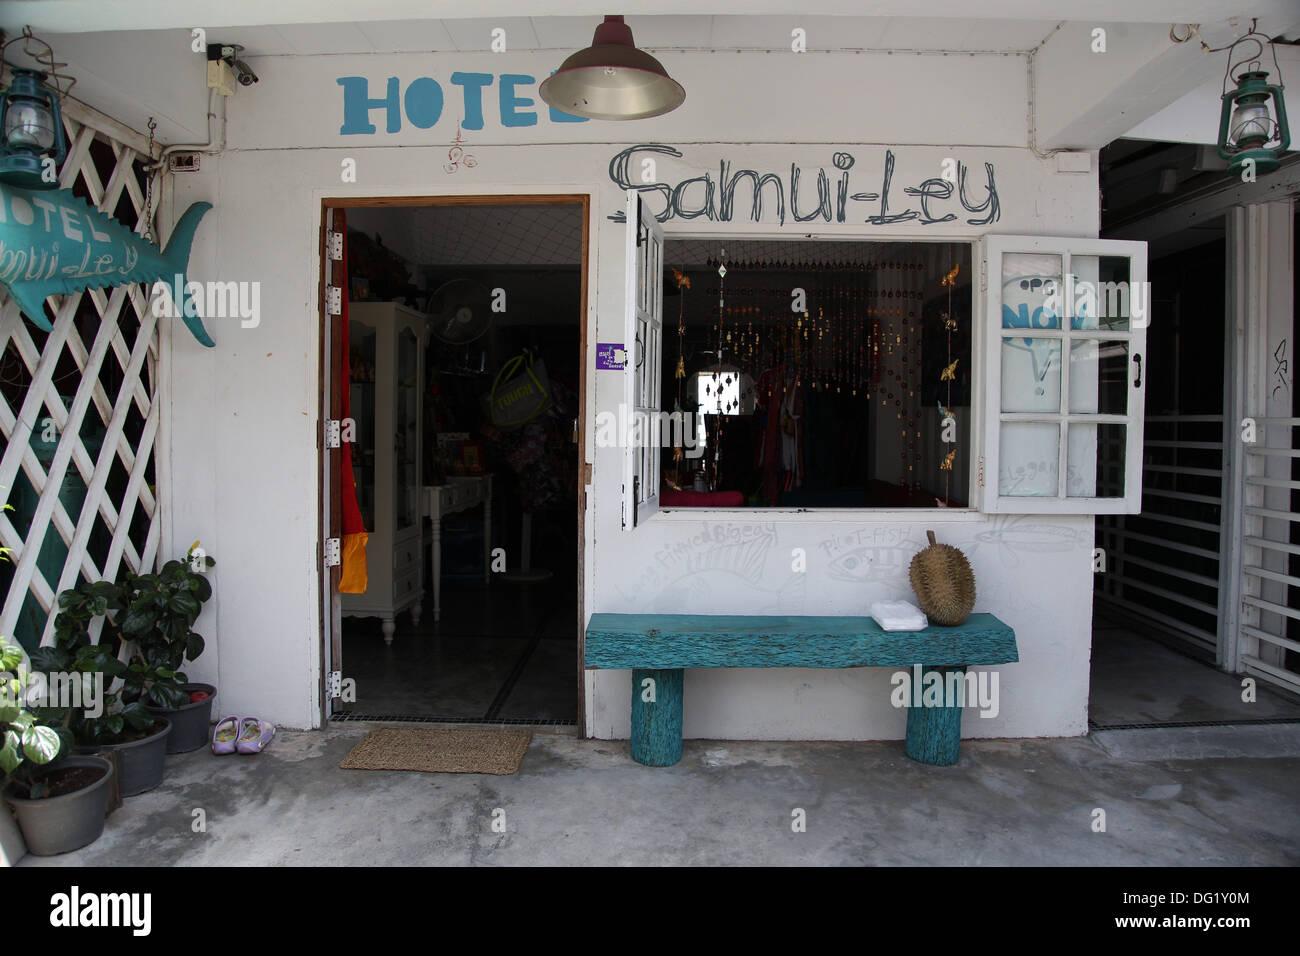 Hotel Samui Ley Fisherman S Village Bobhut Koh Samui Thailand